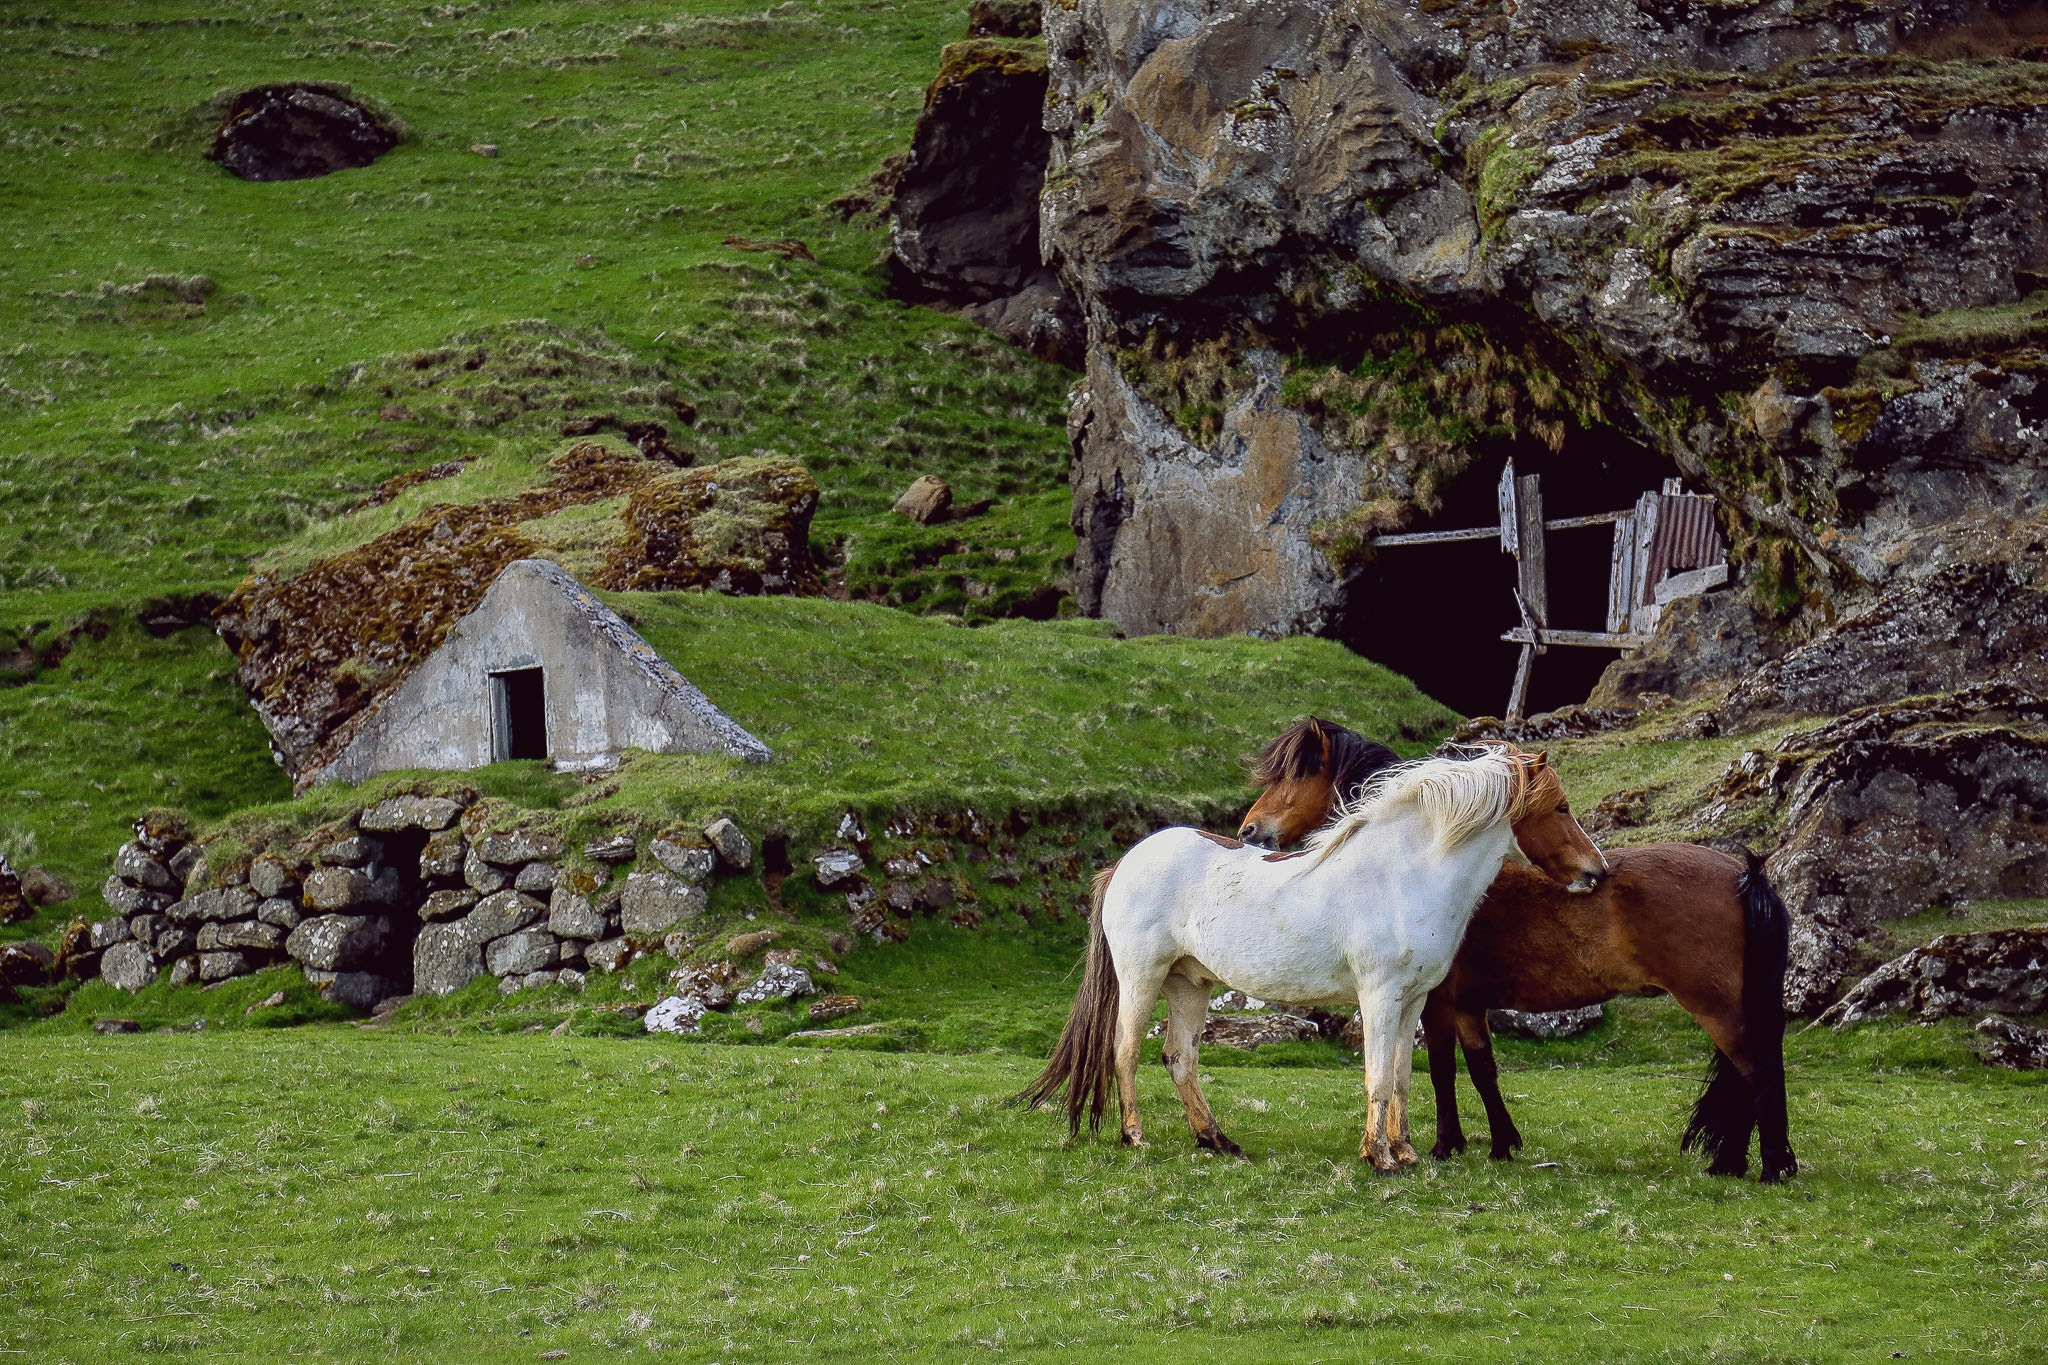 Die raue Natur Islands, besonders auf einer Farm ganz nah dran